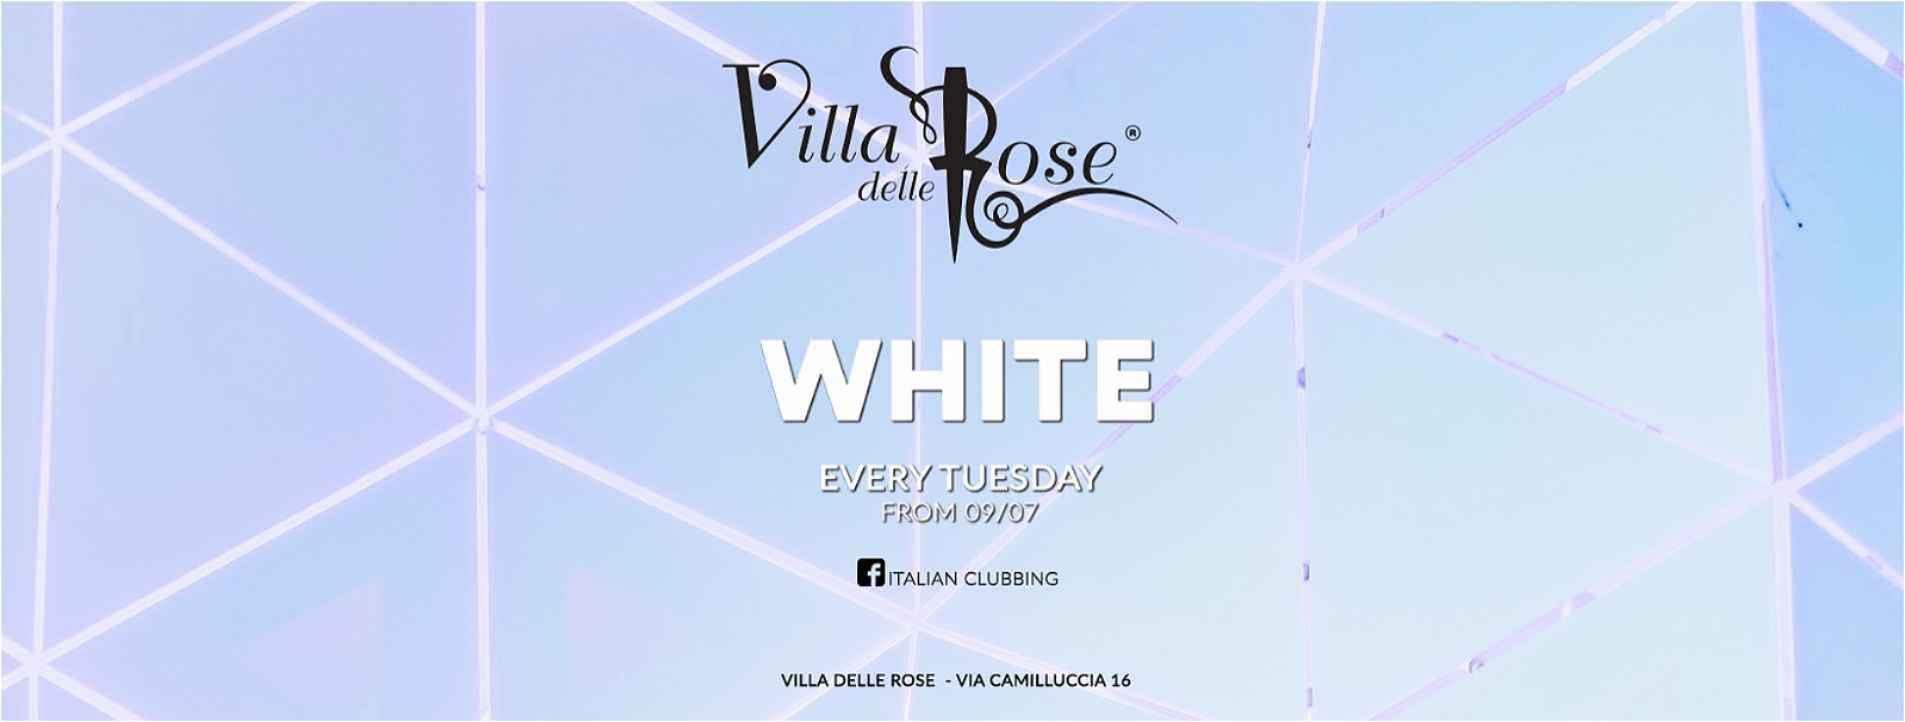 white party villa delle rose martedì 21 luglio